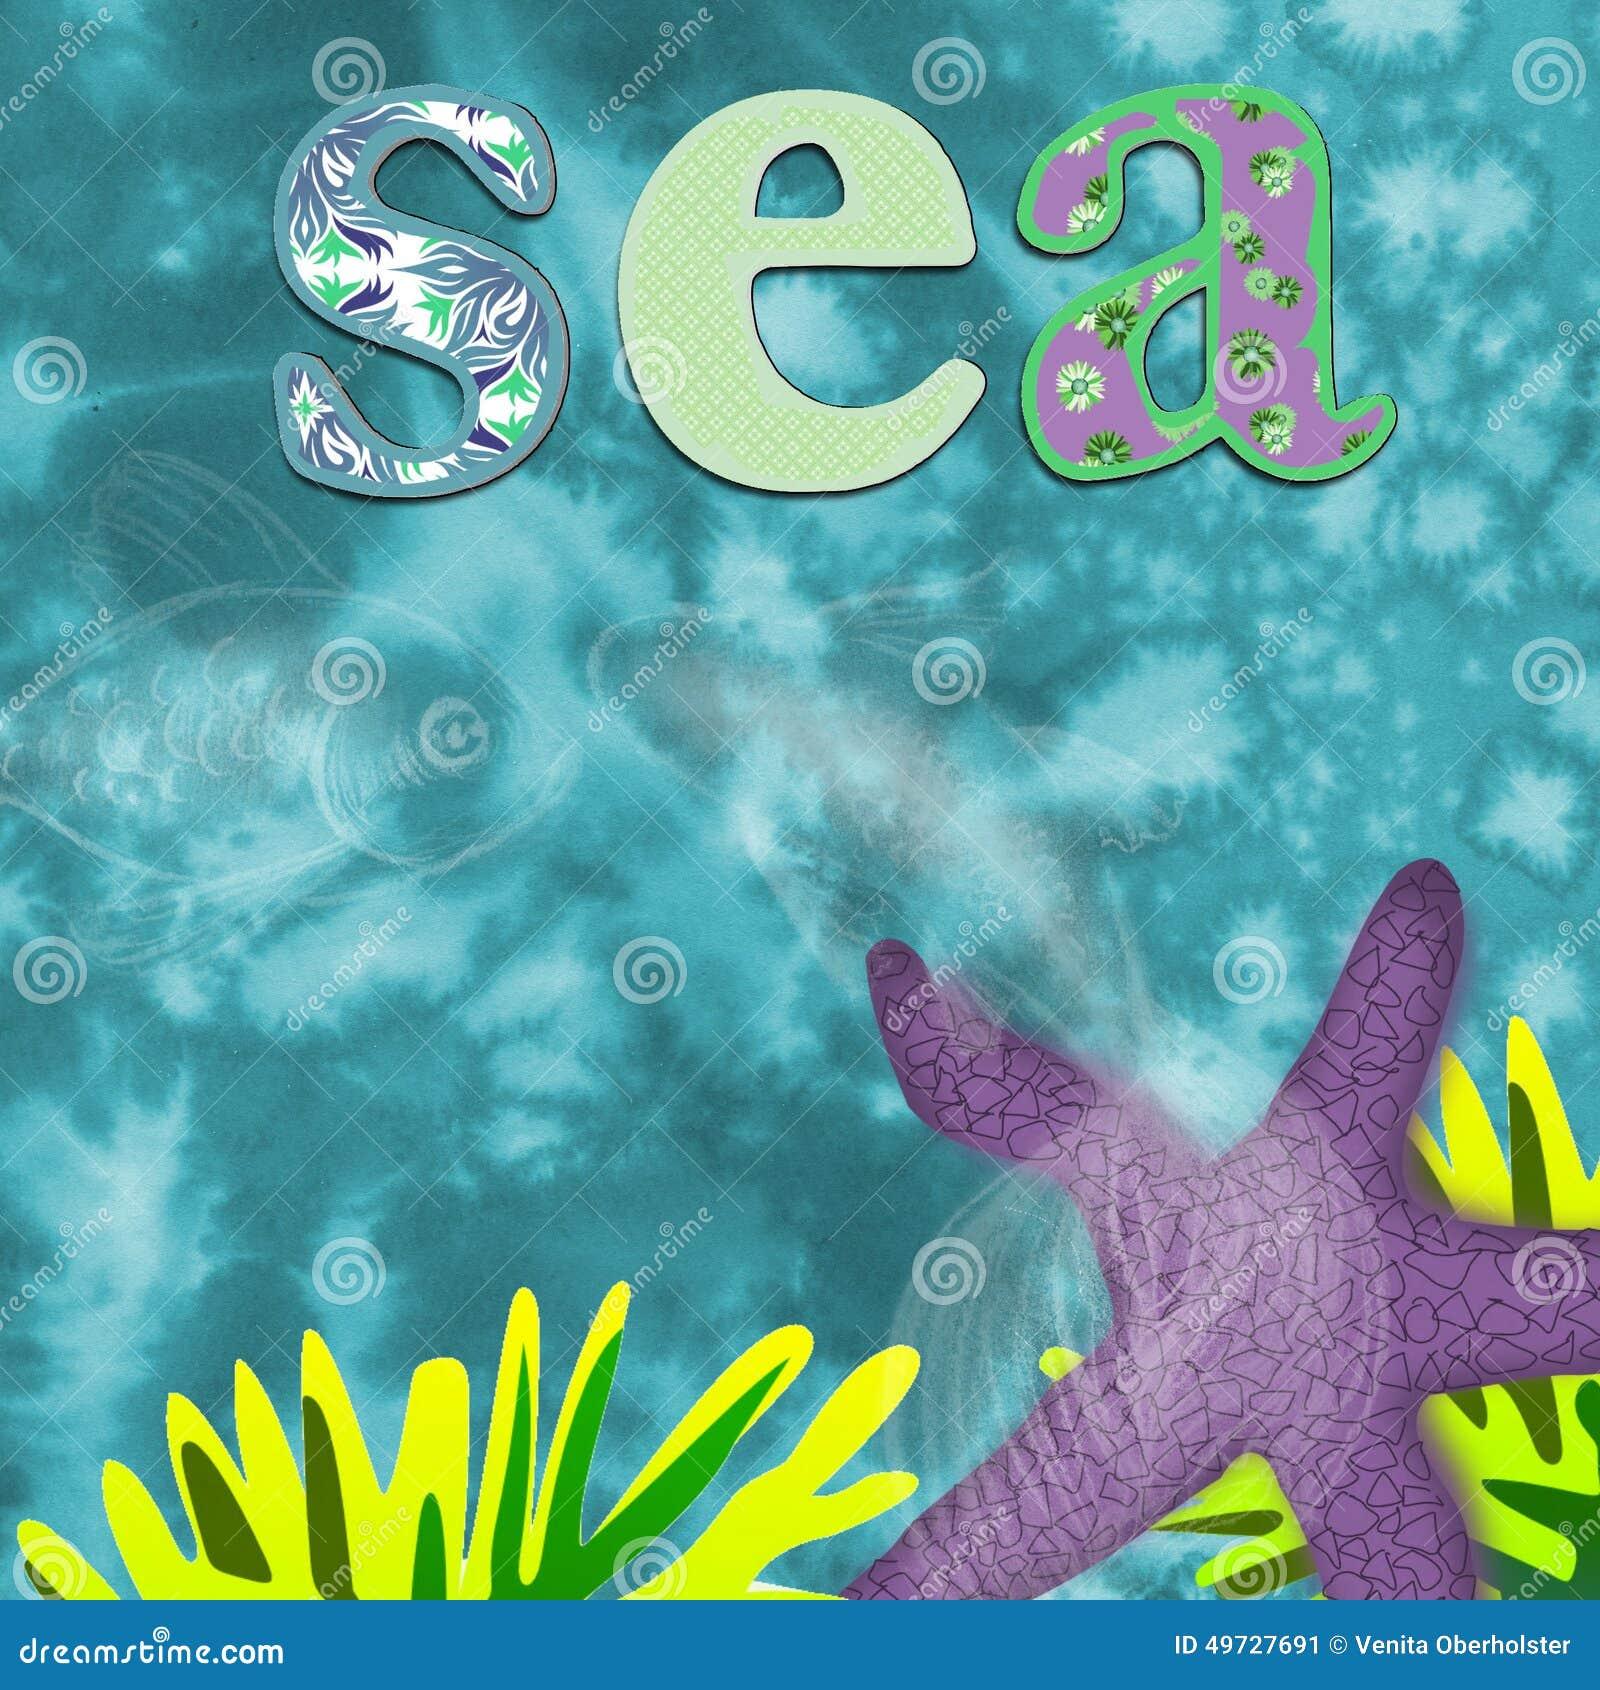 Imagenes del fondo del mar para ninos